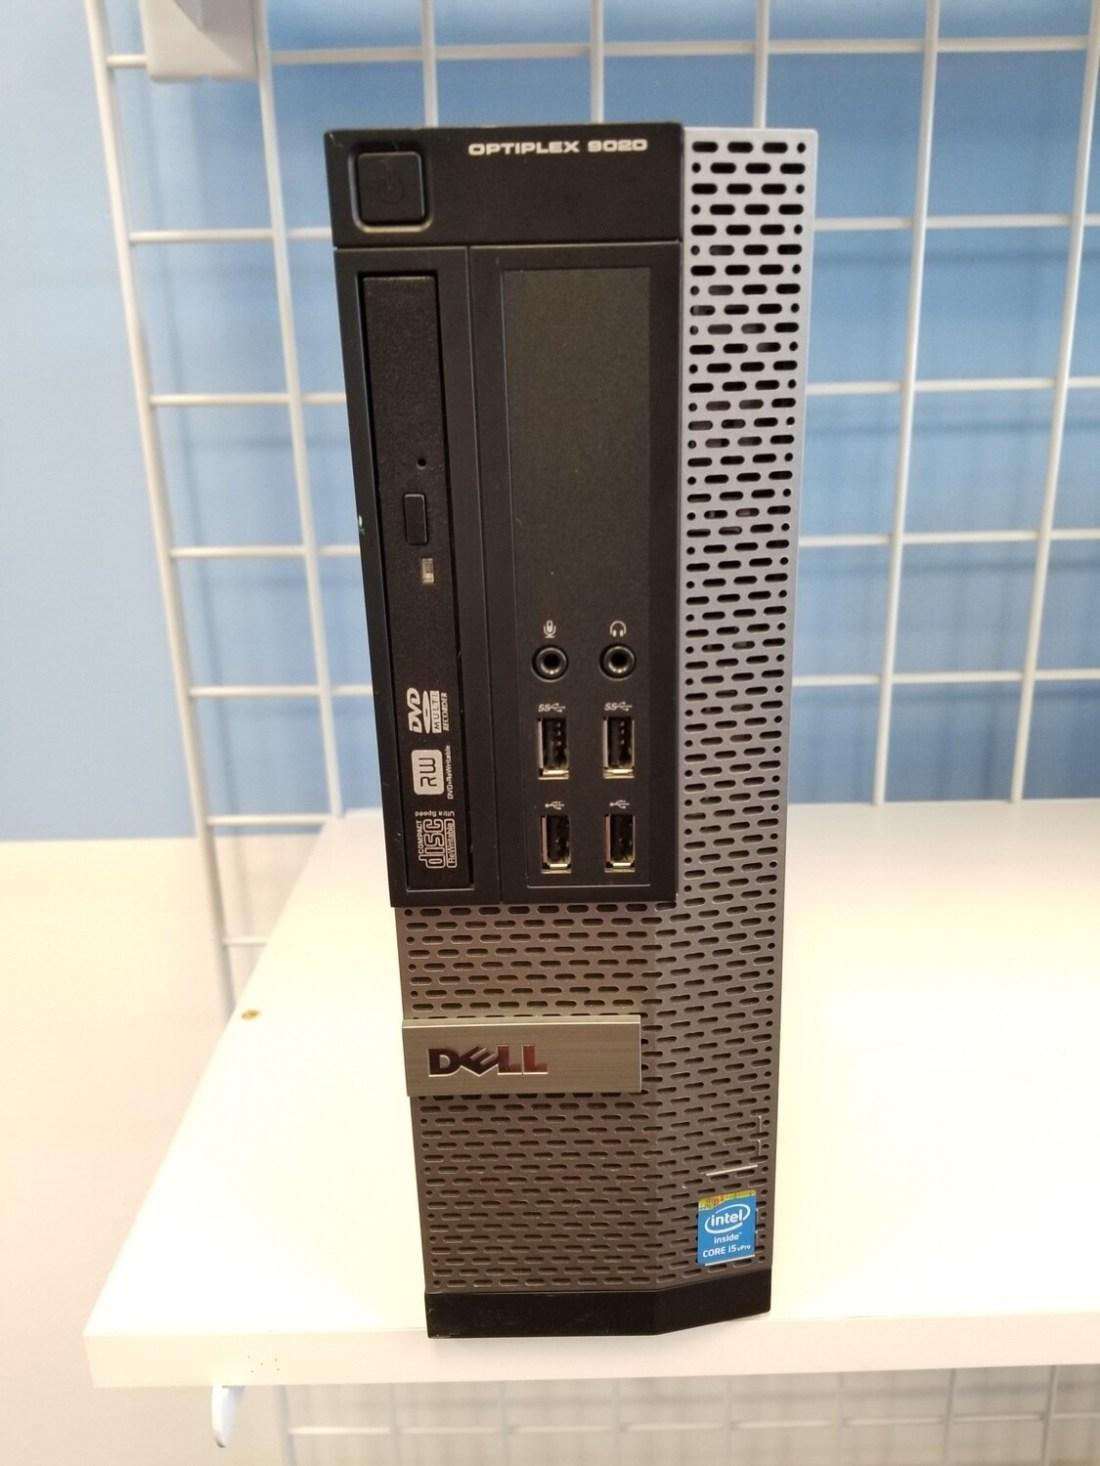 Dell OptiPlex 9020 i5-4570 @3.2GHz 16GB Ram 500GB HD